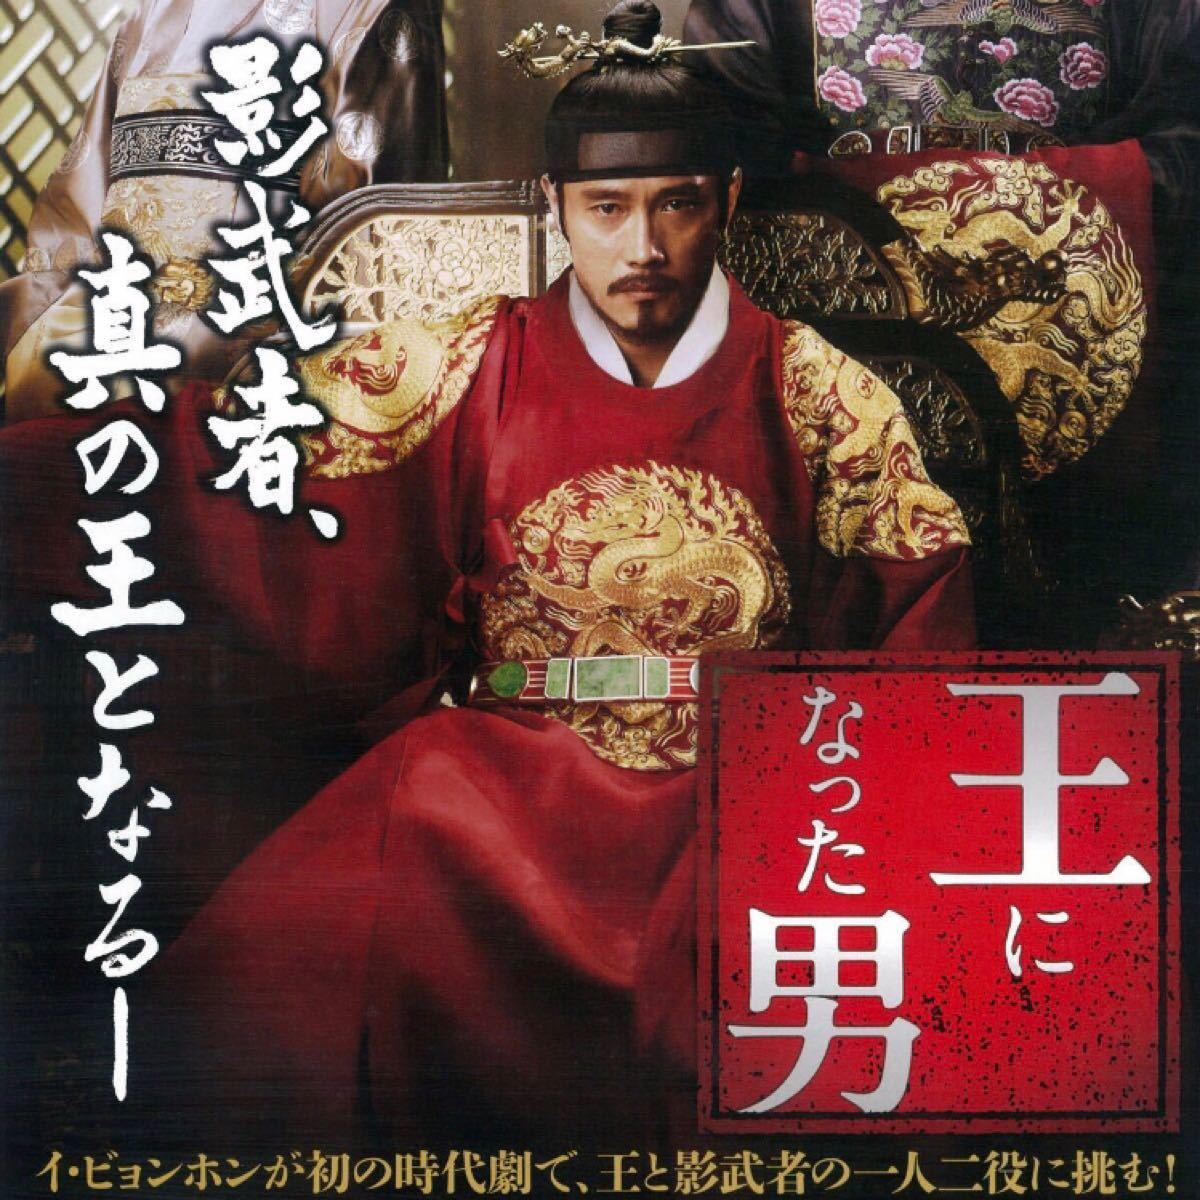 韓国映画  王になった男  イ・ビョンホン  DVD  日本語吹替有り  レーベル有り